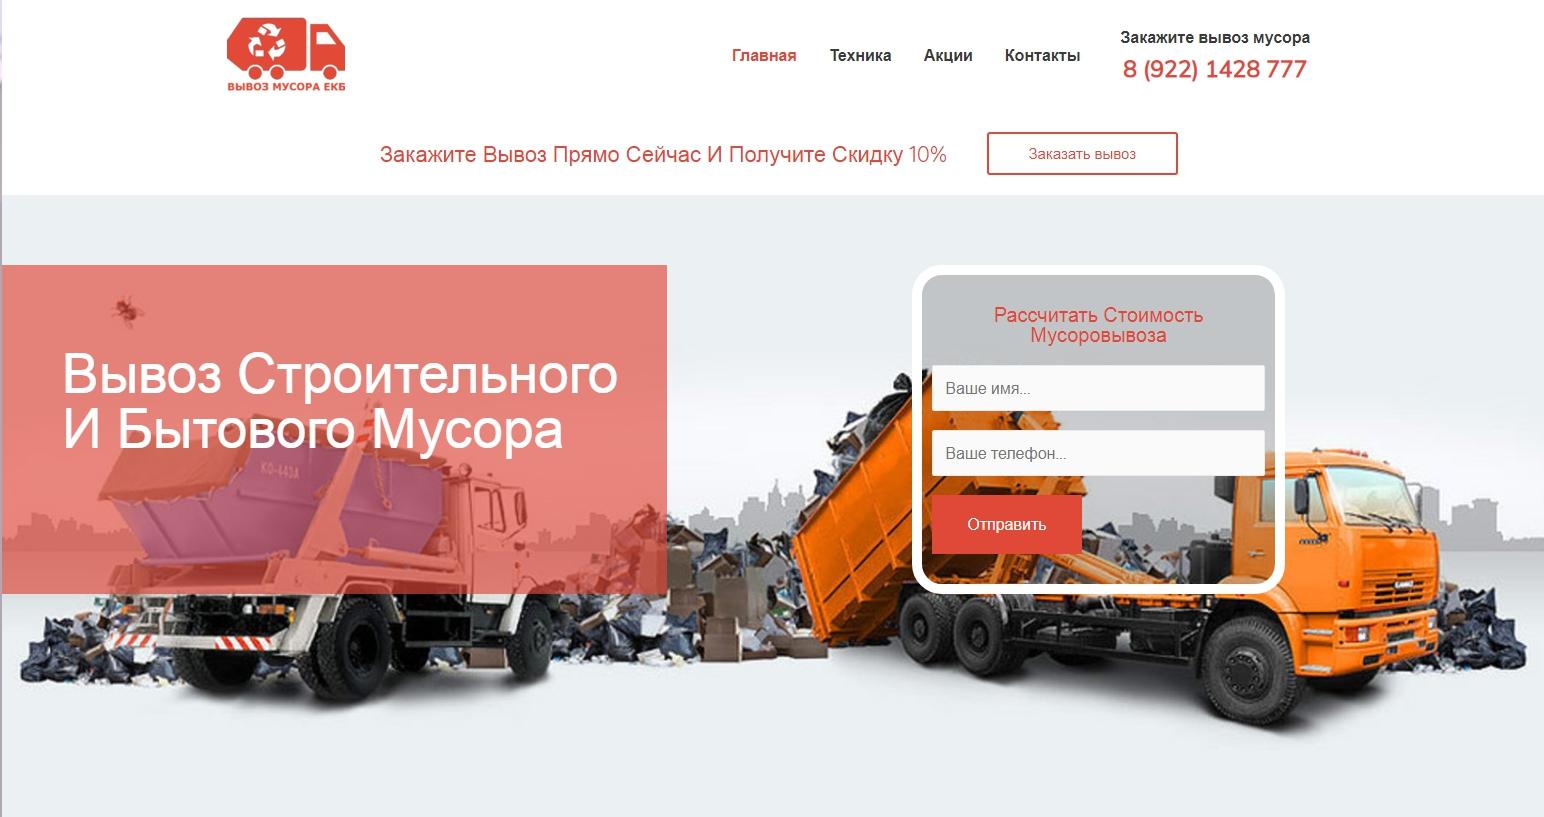 Вывоз мусора Екатеринбург